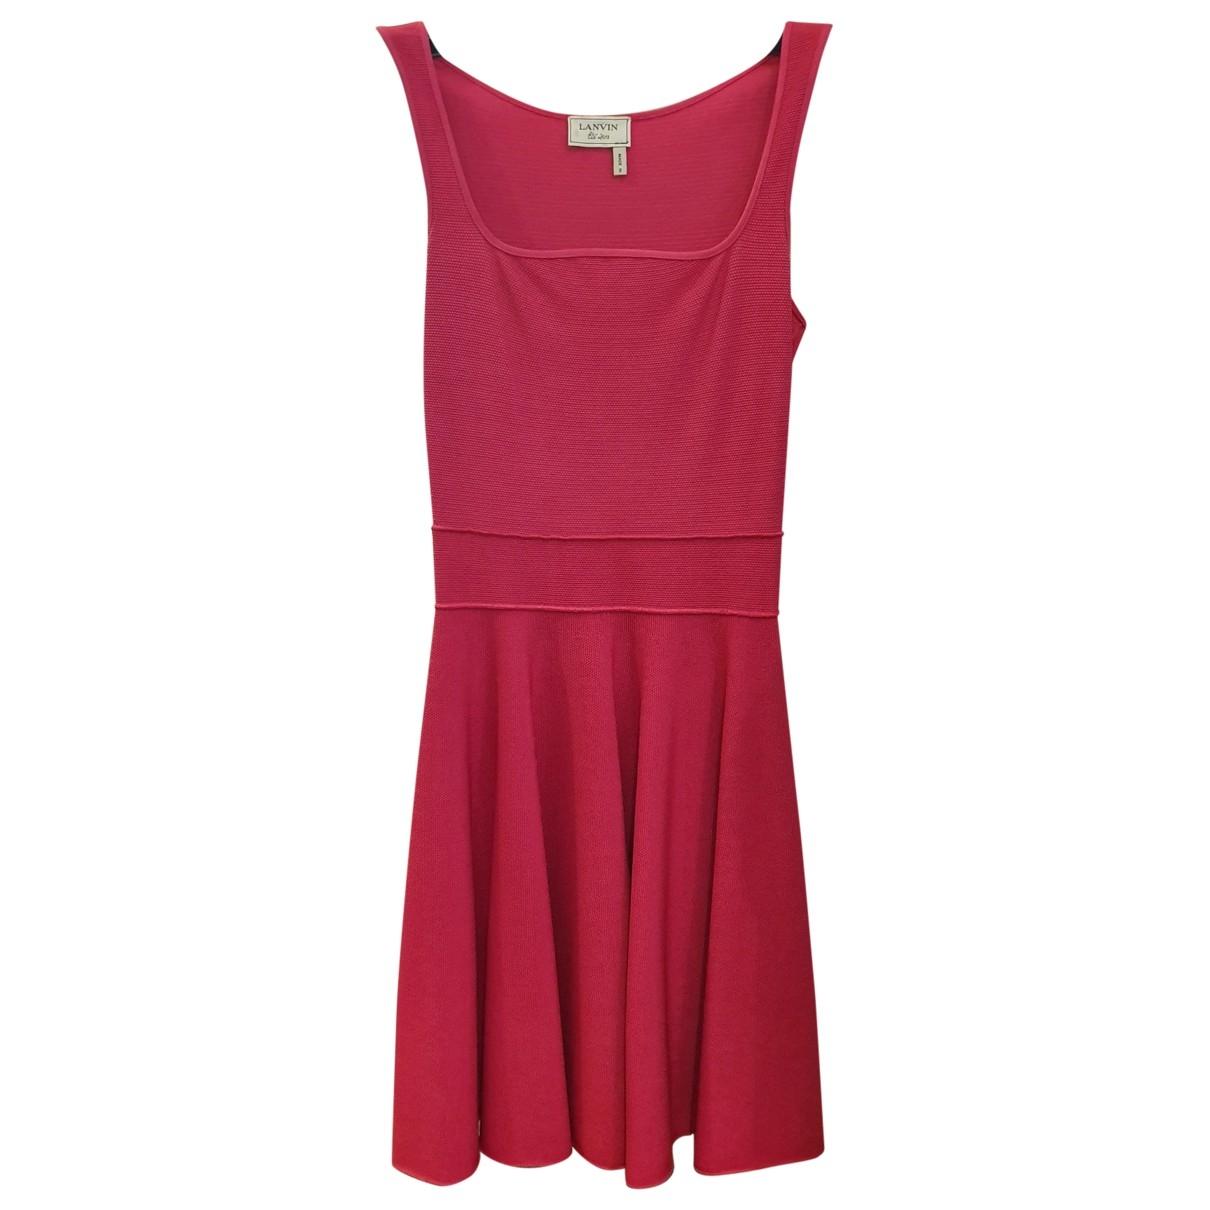 Lanvin \N Kleid in  Rosa Viskose